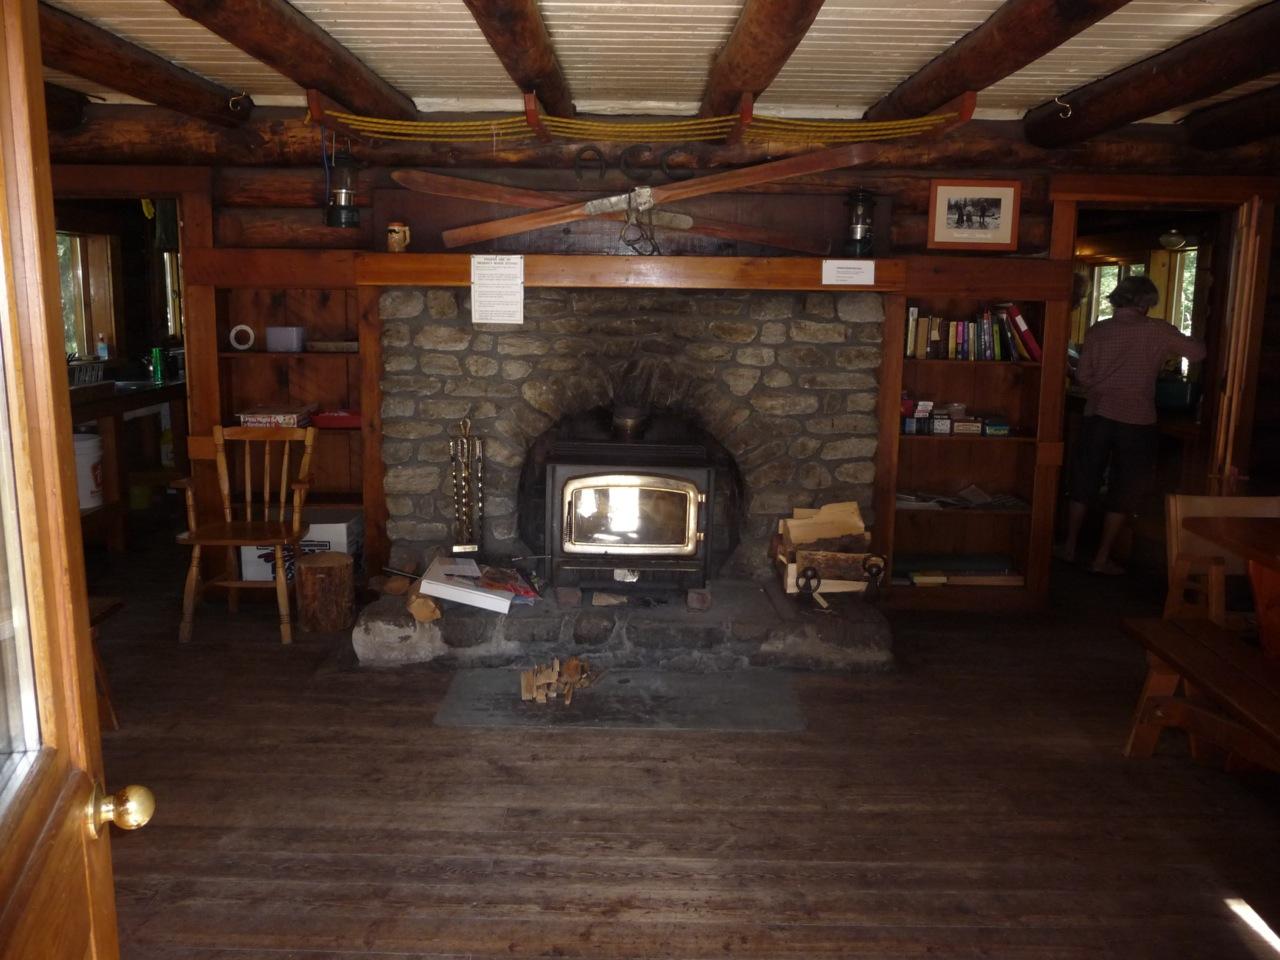 小屋にあるカナダらしい趣のある暖炉